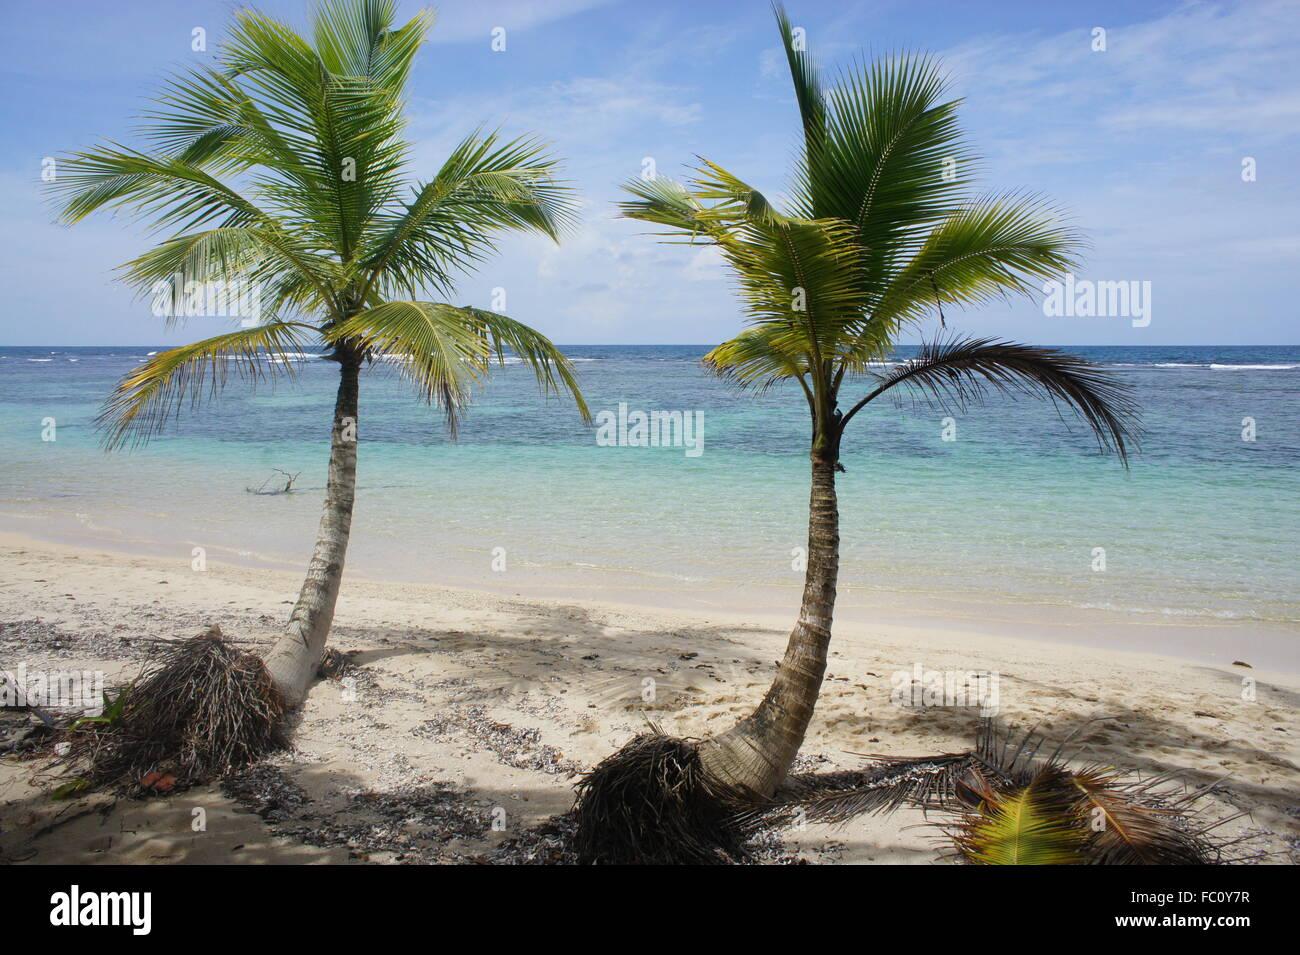 Impressioni da sole e verde Costa Rica Immagini Stock